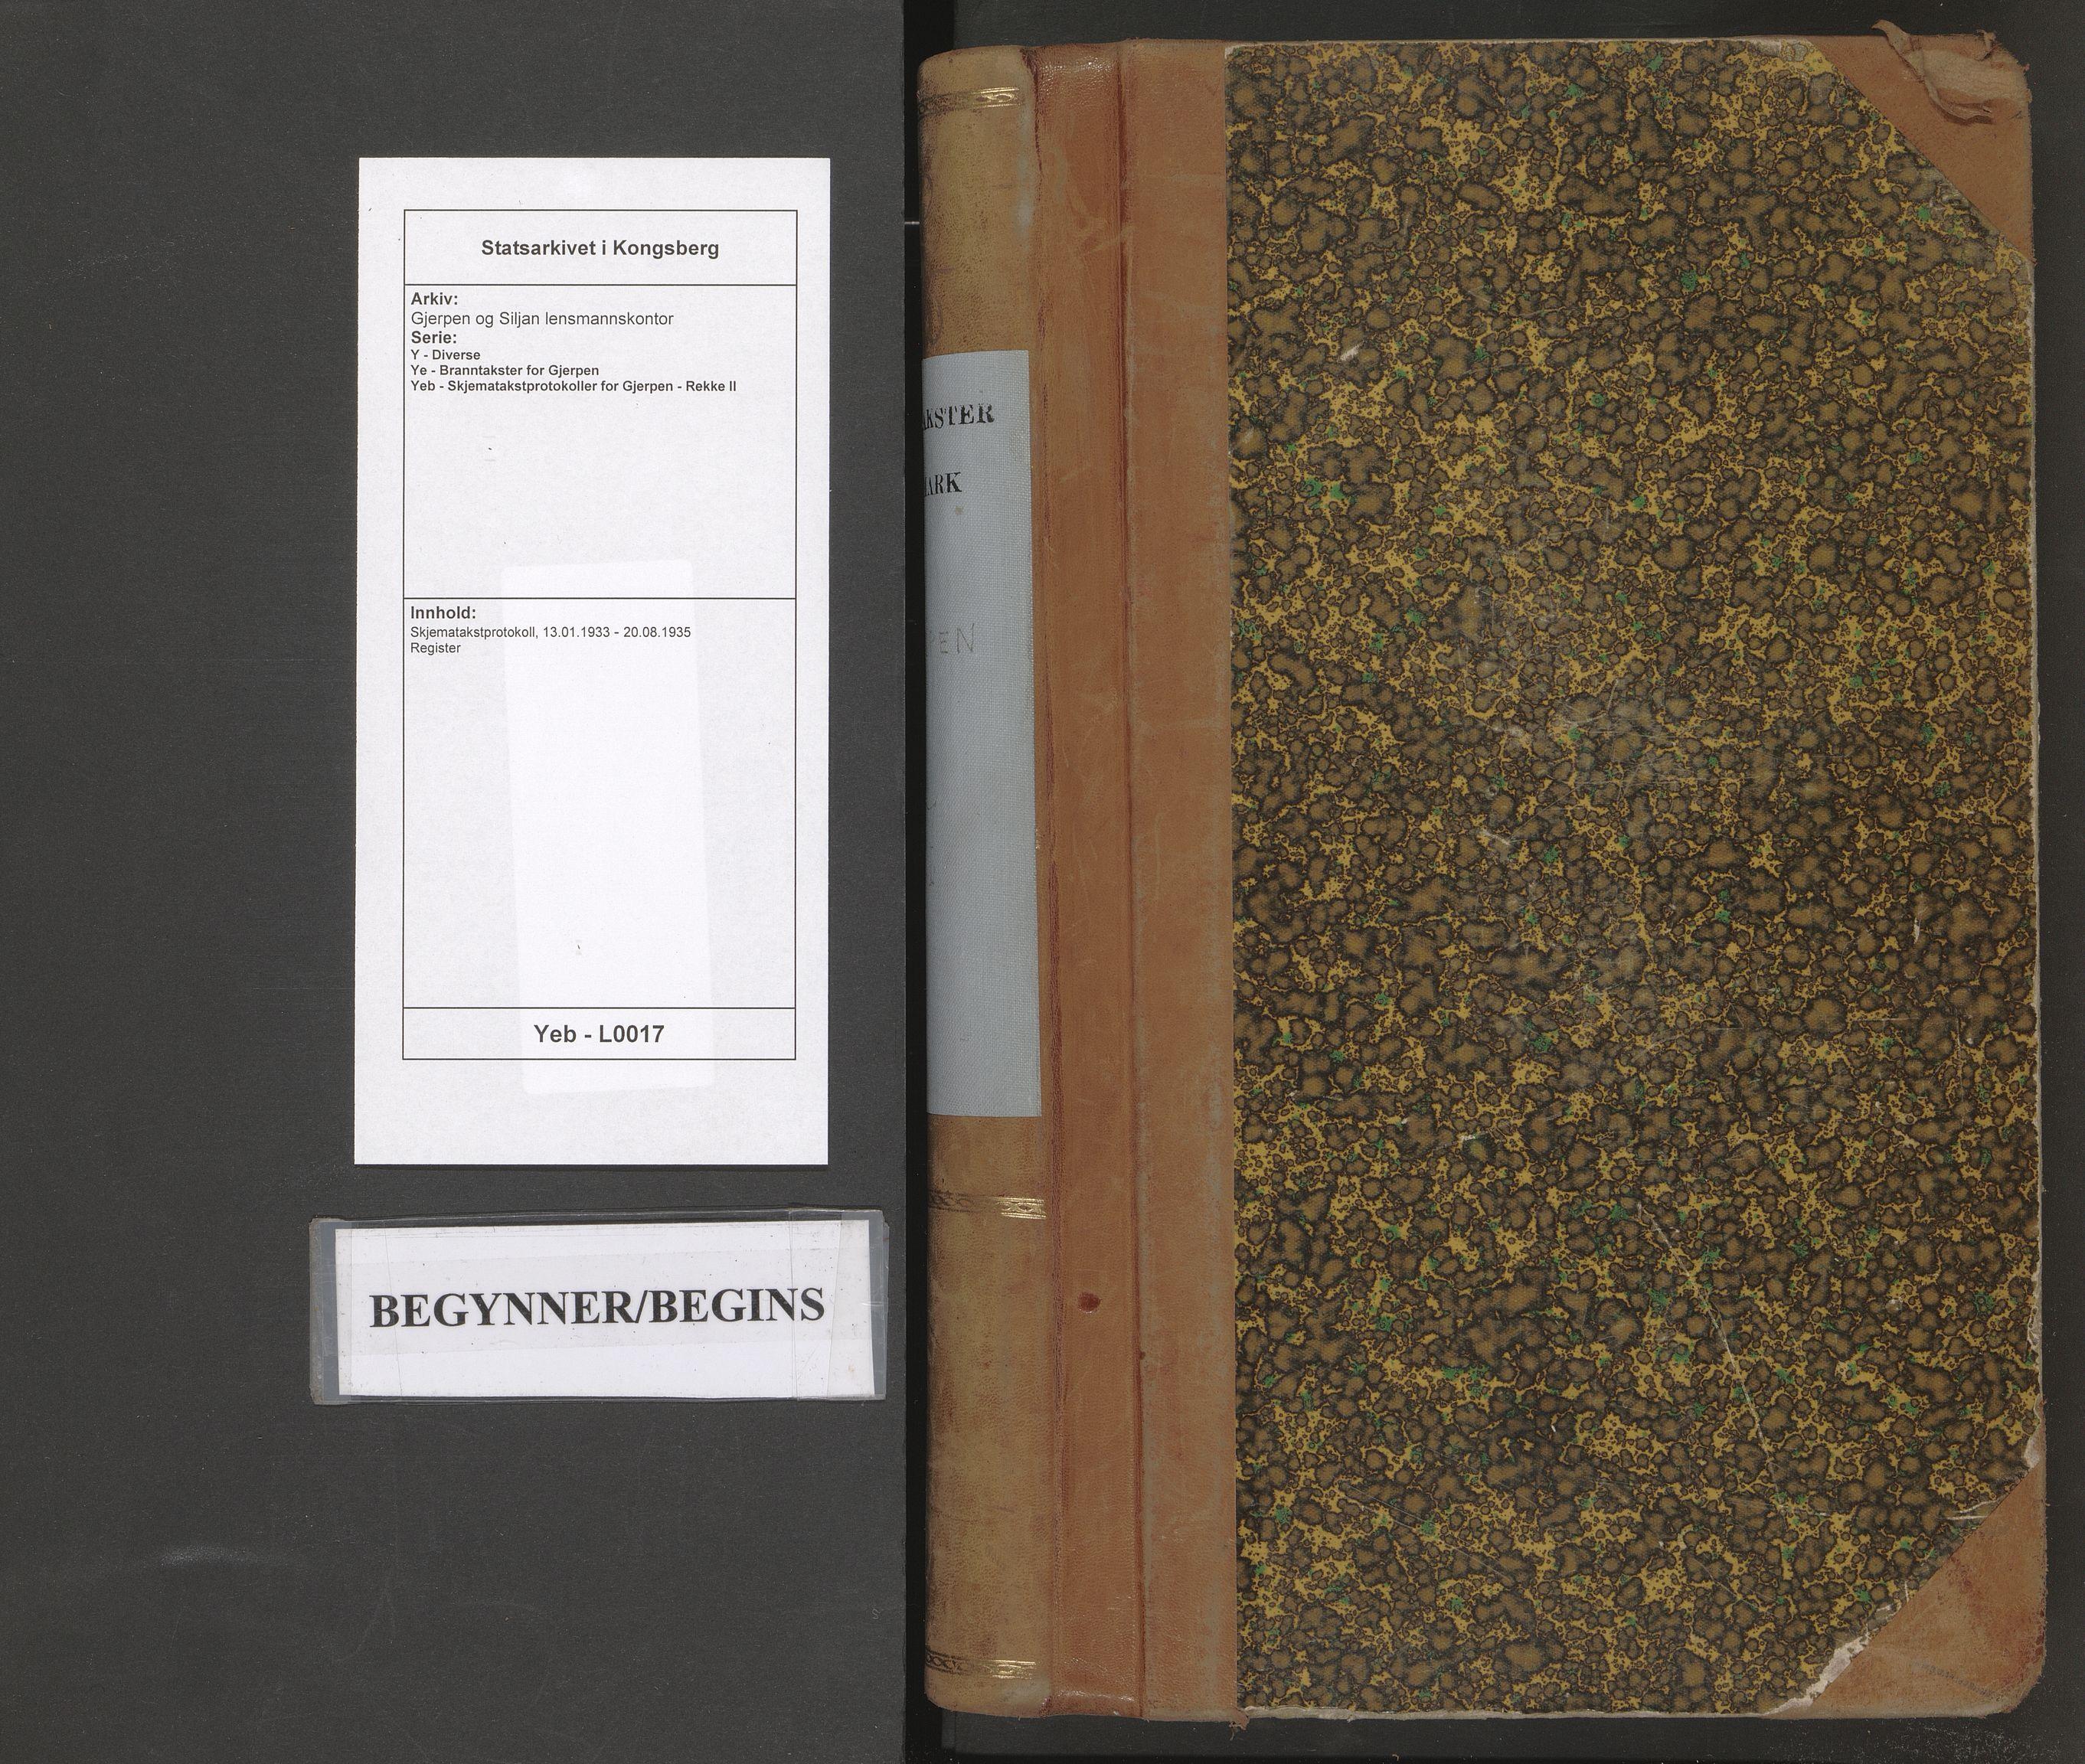 SAKO, Gjerpen og Siljan lensmannskontor, Y/Ye/Yeb/L0017: Skjematakstprotokoll, 1933-1935